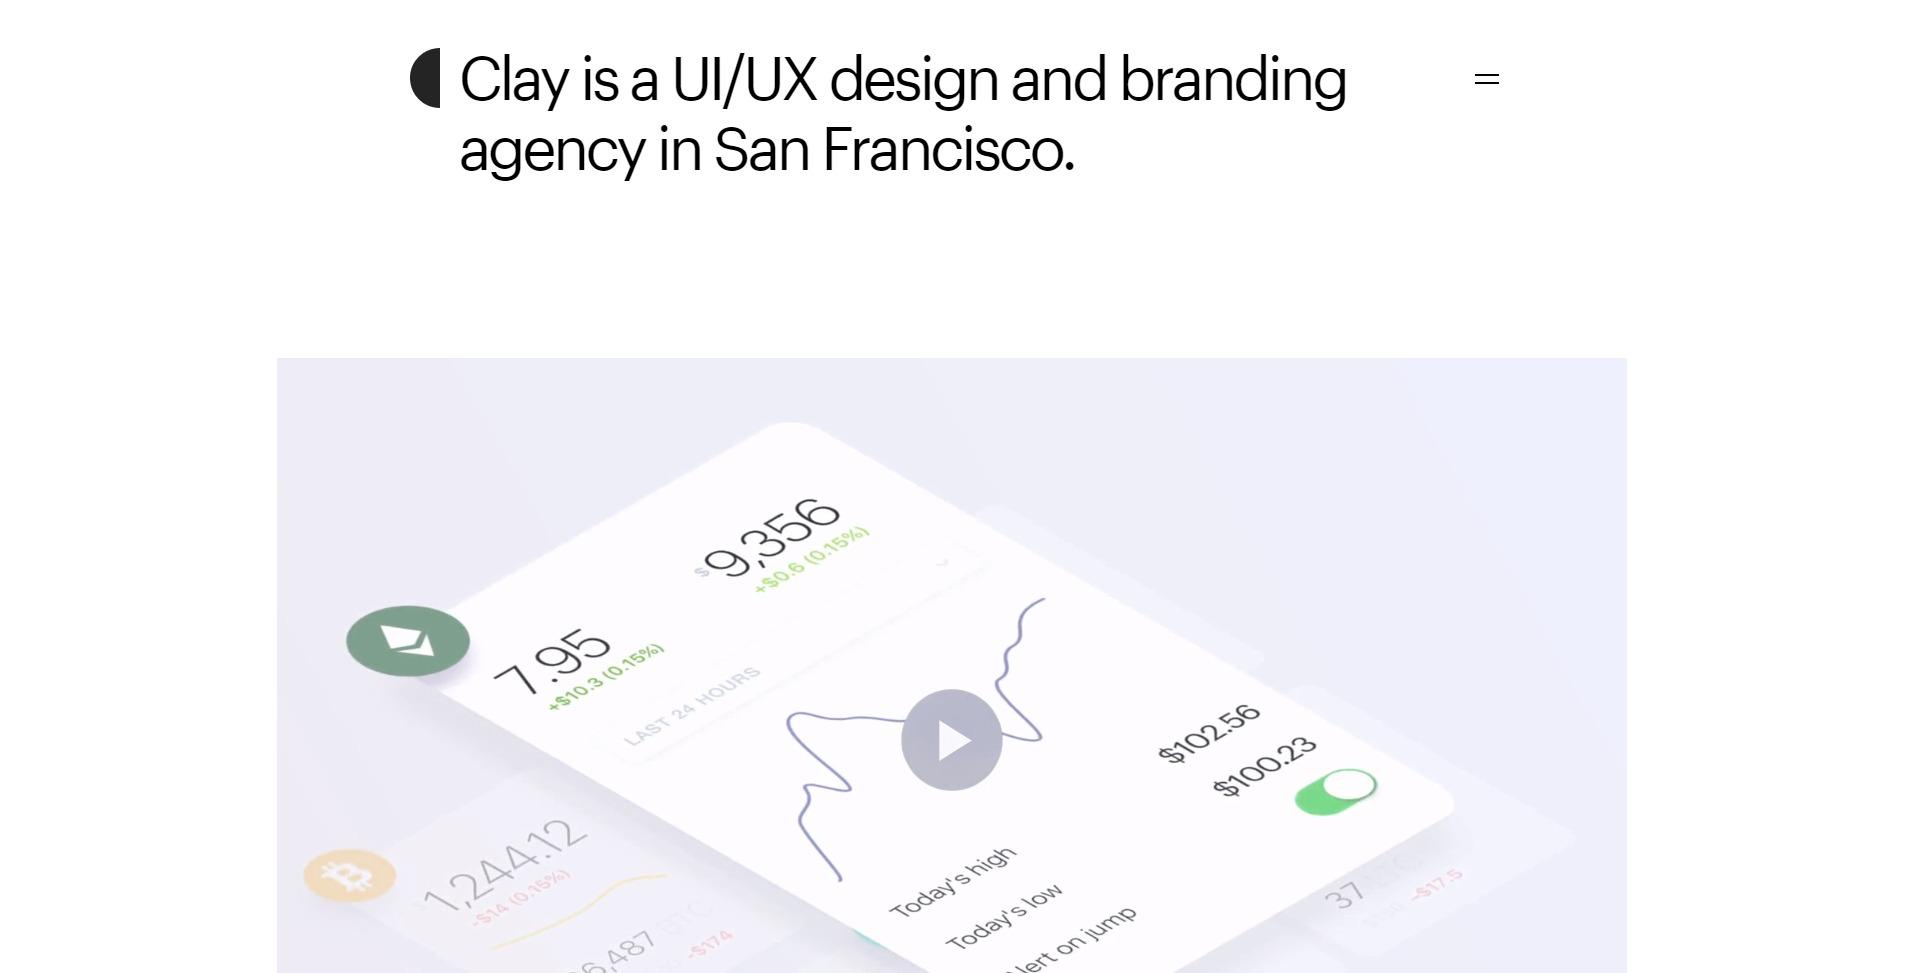 clay.global